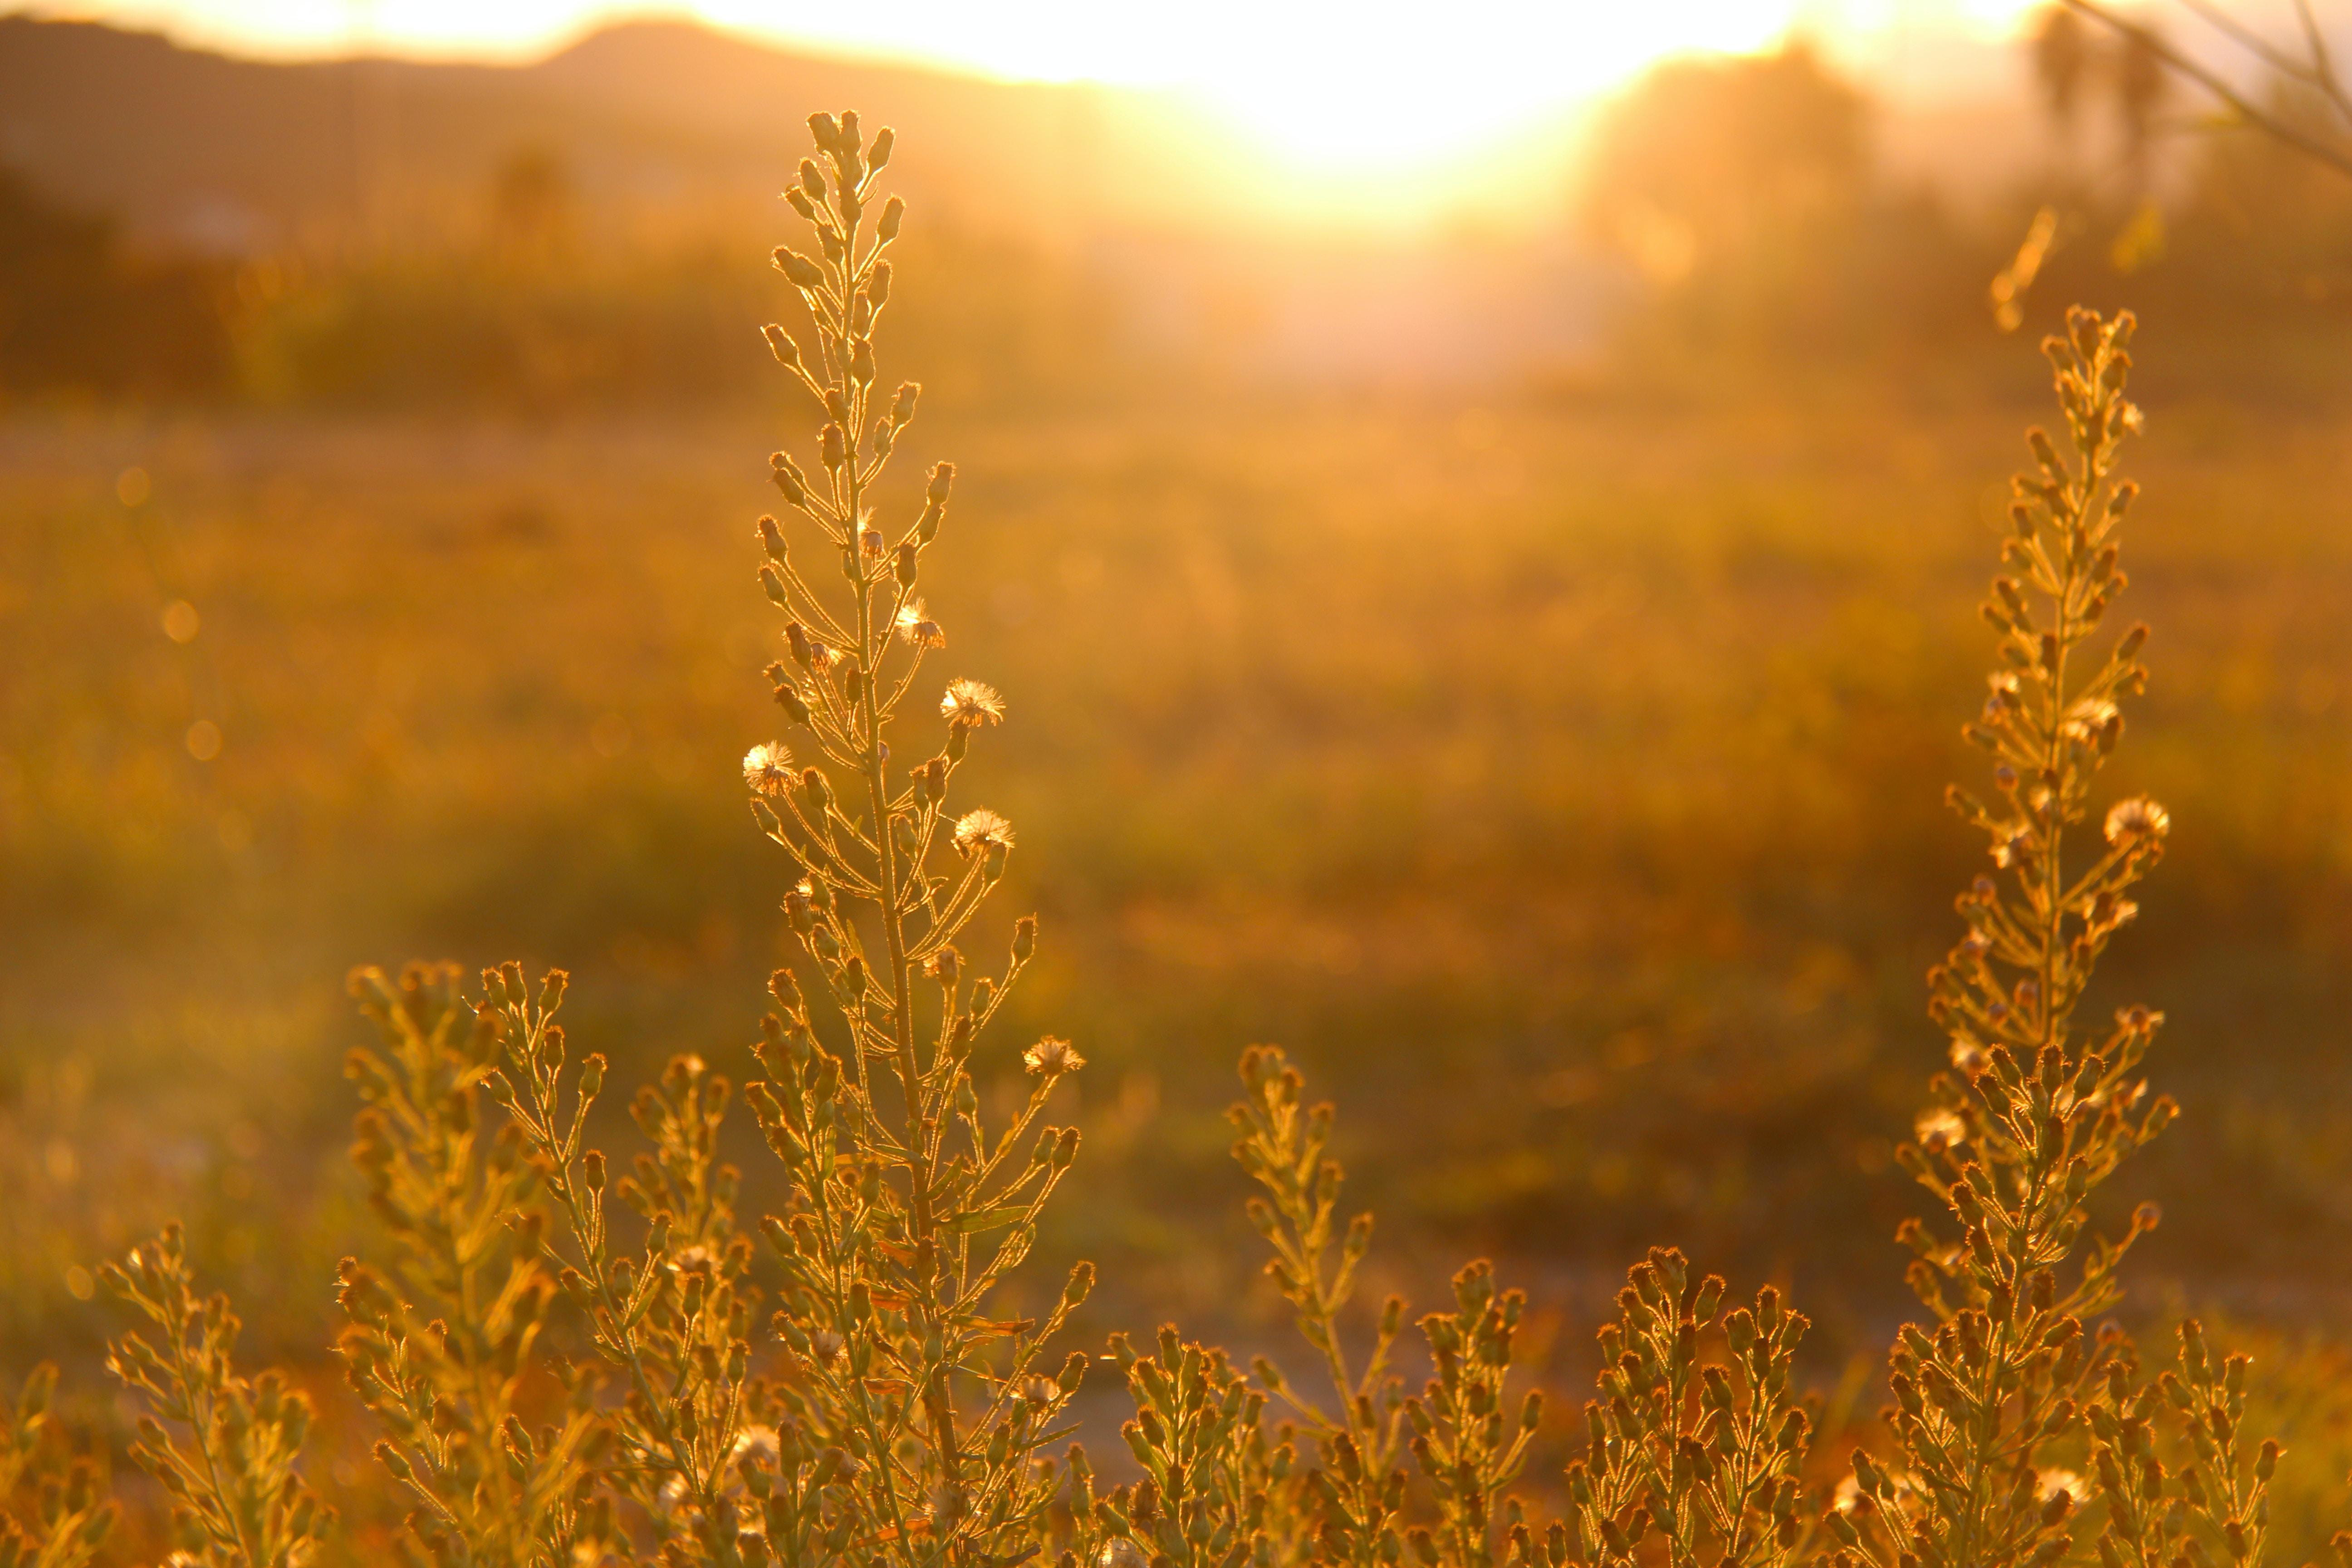 sun lighting grass field